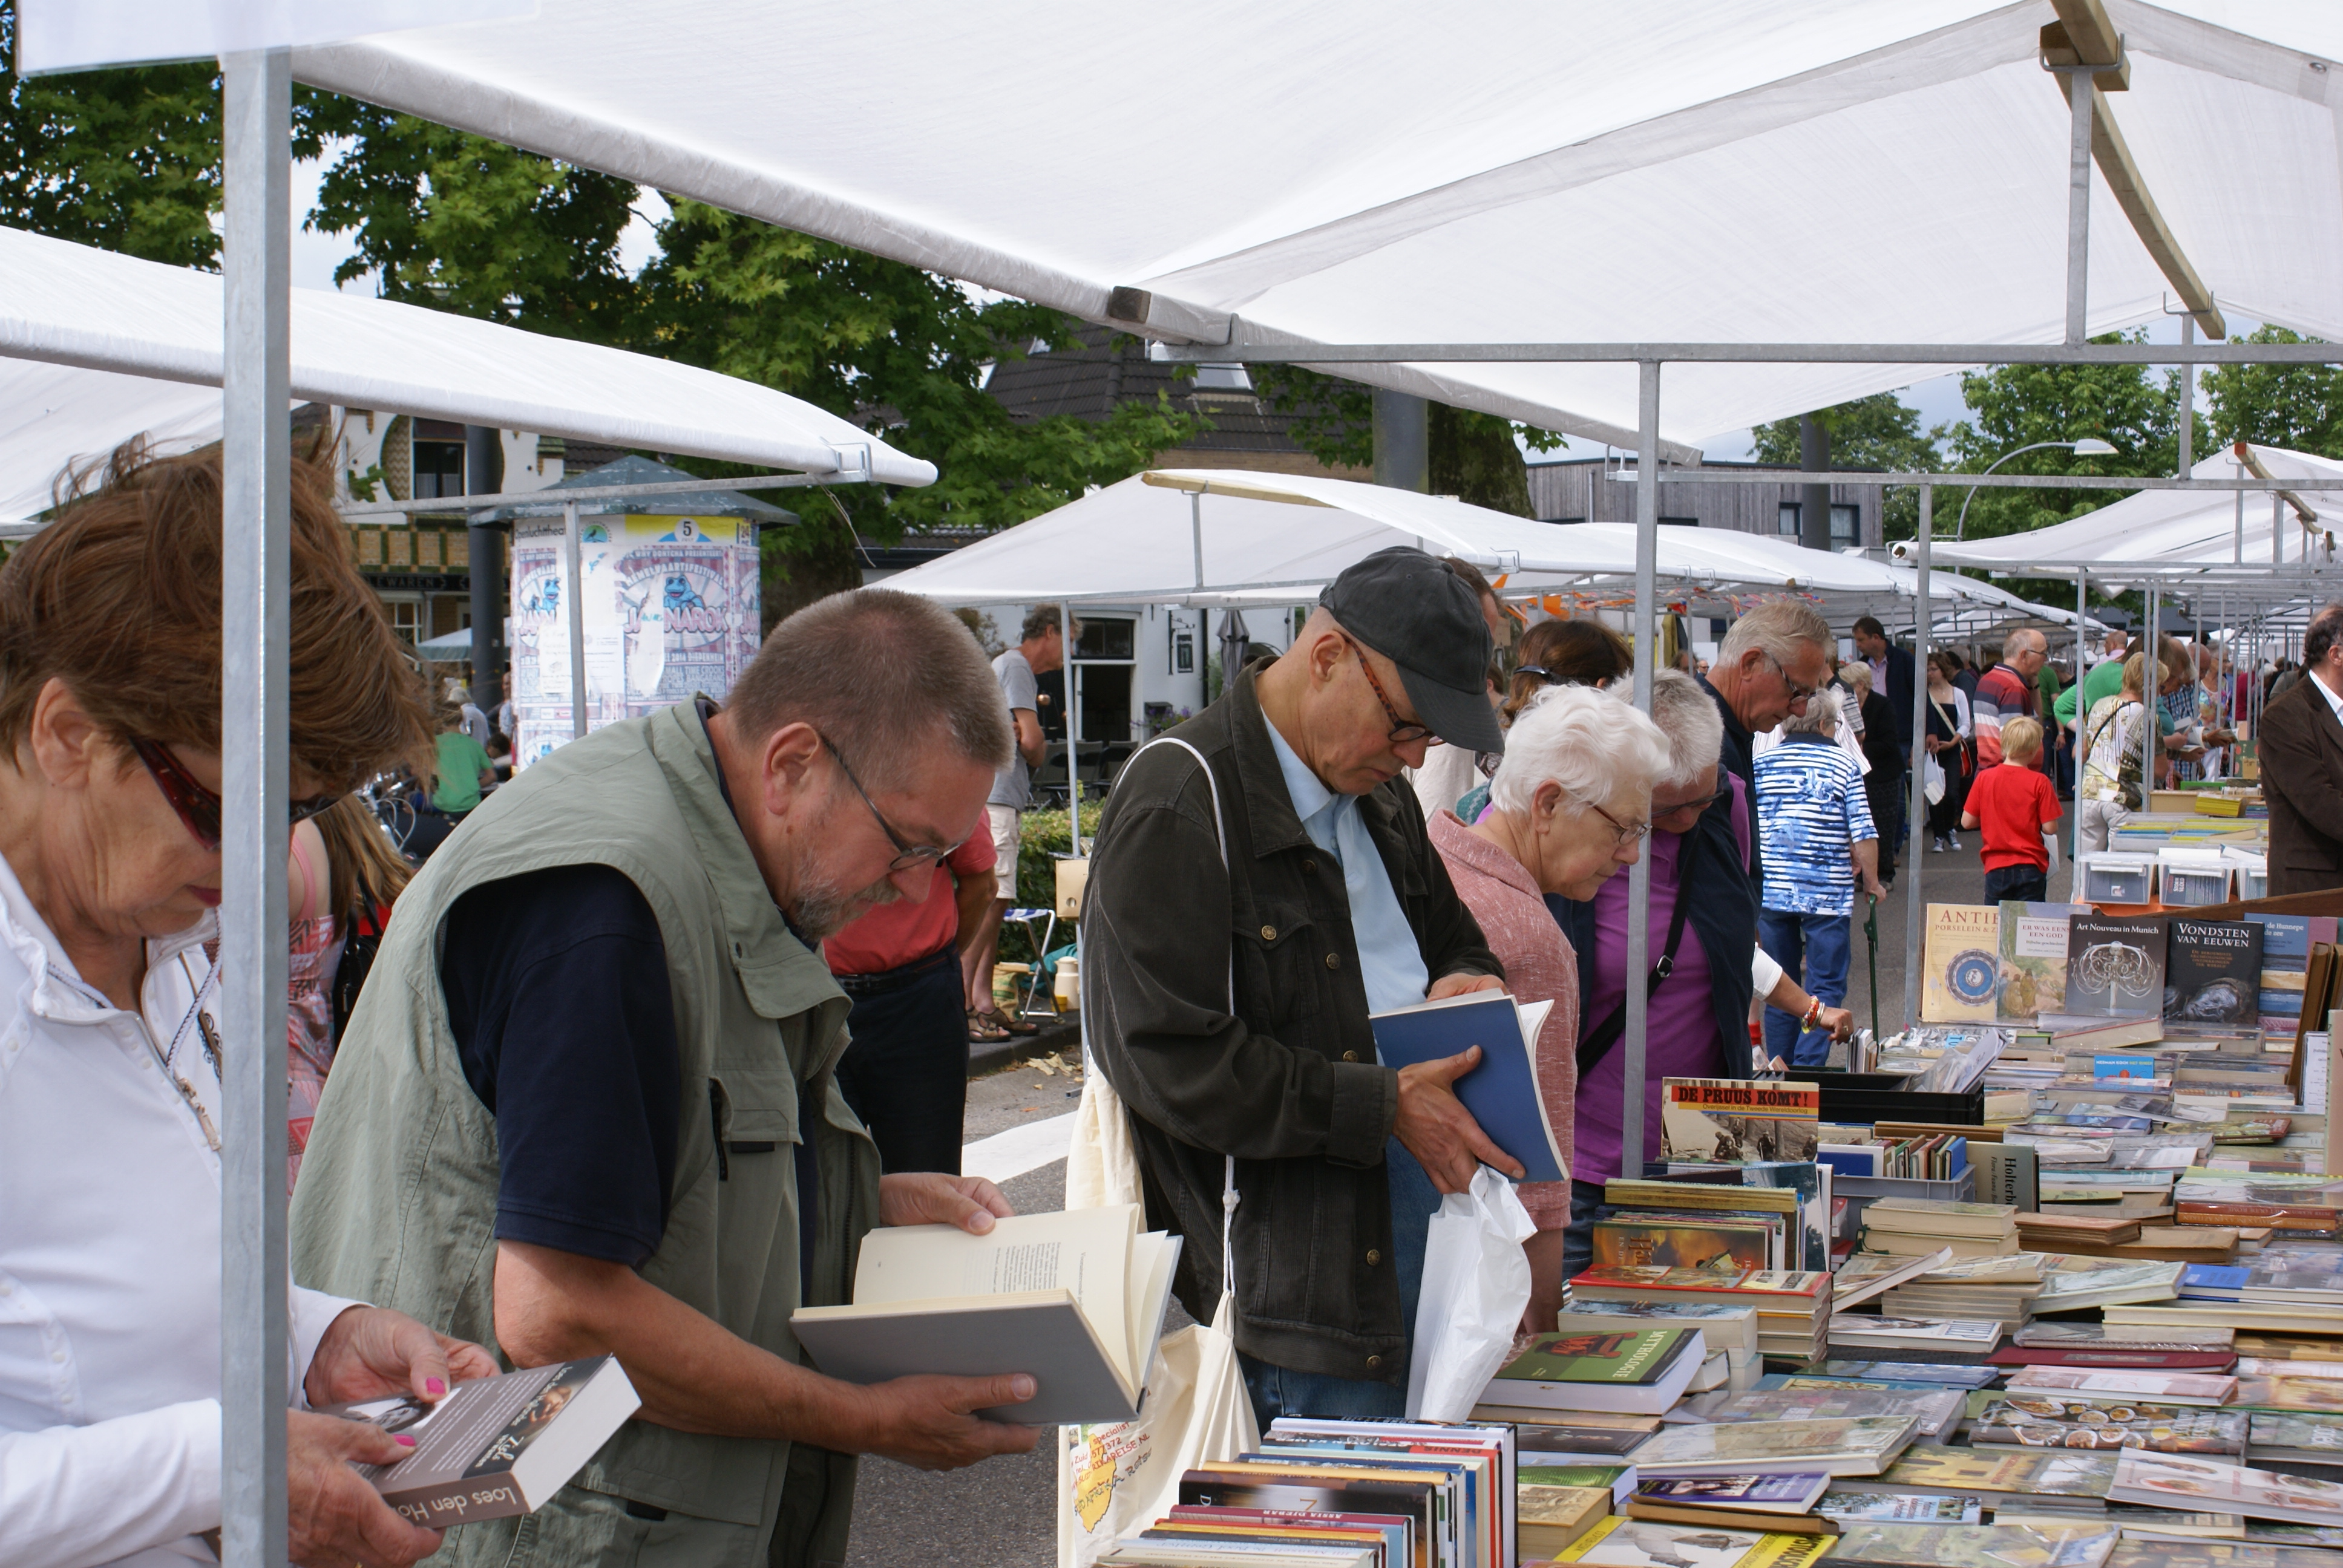 Verkoop-tweedehands-boeken